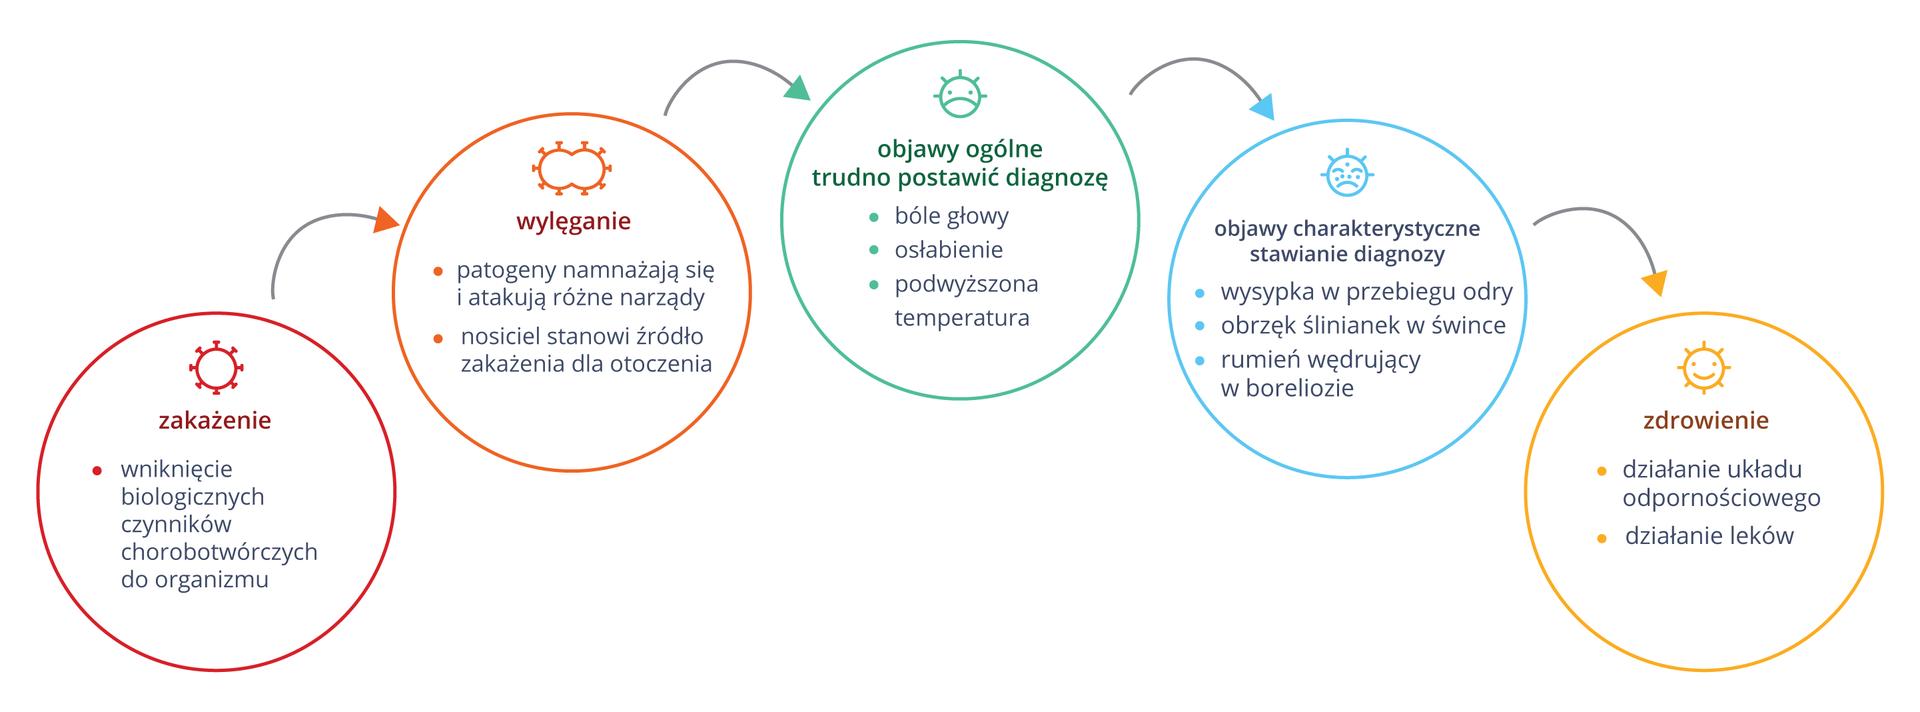 Ilustracja przedstawia schemat złożony zróżnokolorowych kół, ułożonych od lewej do prawej. Wkołach symbole przebiegu choroby iopis. Wczerwonym wniknięcie biologicznych czynników chorobotwórczych do organizmu. Wpomarańczowym wylęganie. Patogeny namnażają się iatakują różne narządy. Chory stanowi źródło zakażenia . Wturkusowym kole opisano objawy ogólne, przy których trudno postawić diagnozę: bóle głowy, osłabienie, podwyższona temperatura. Koło błękitne to objawy charakterystyczne, właściwe dla danej choroby. Diagnoza jest możliwa. Żółte koło to zdrowienie wefekcie działania układu odpornościowego ileków.